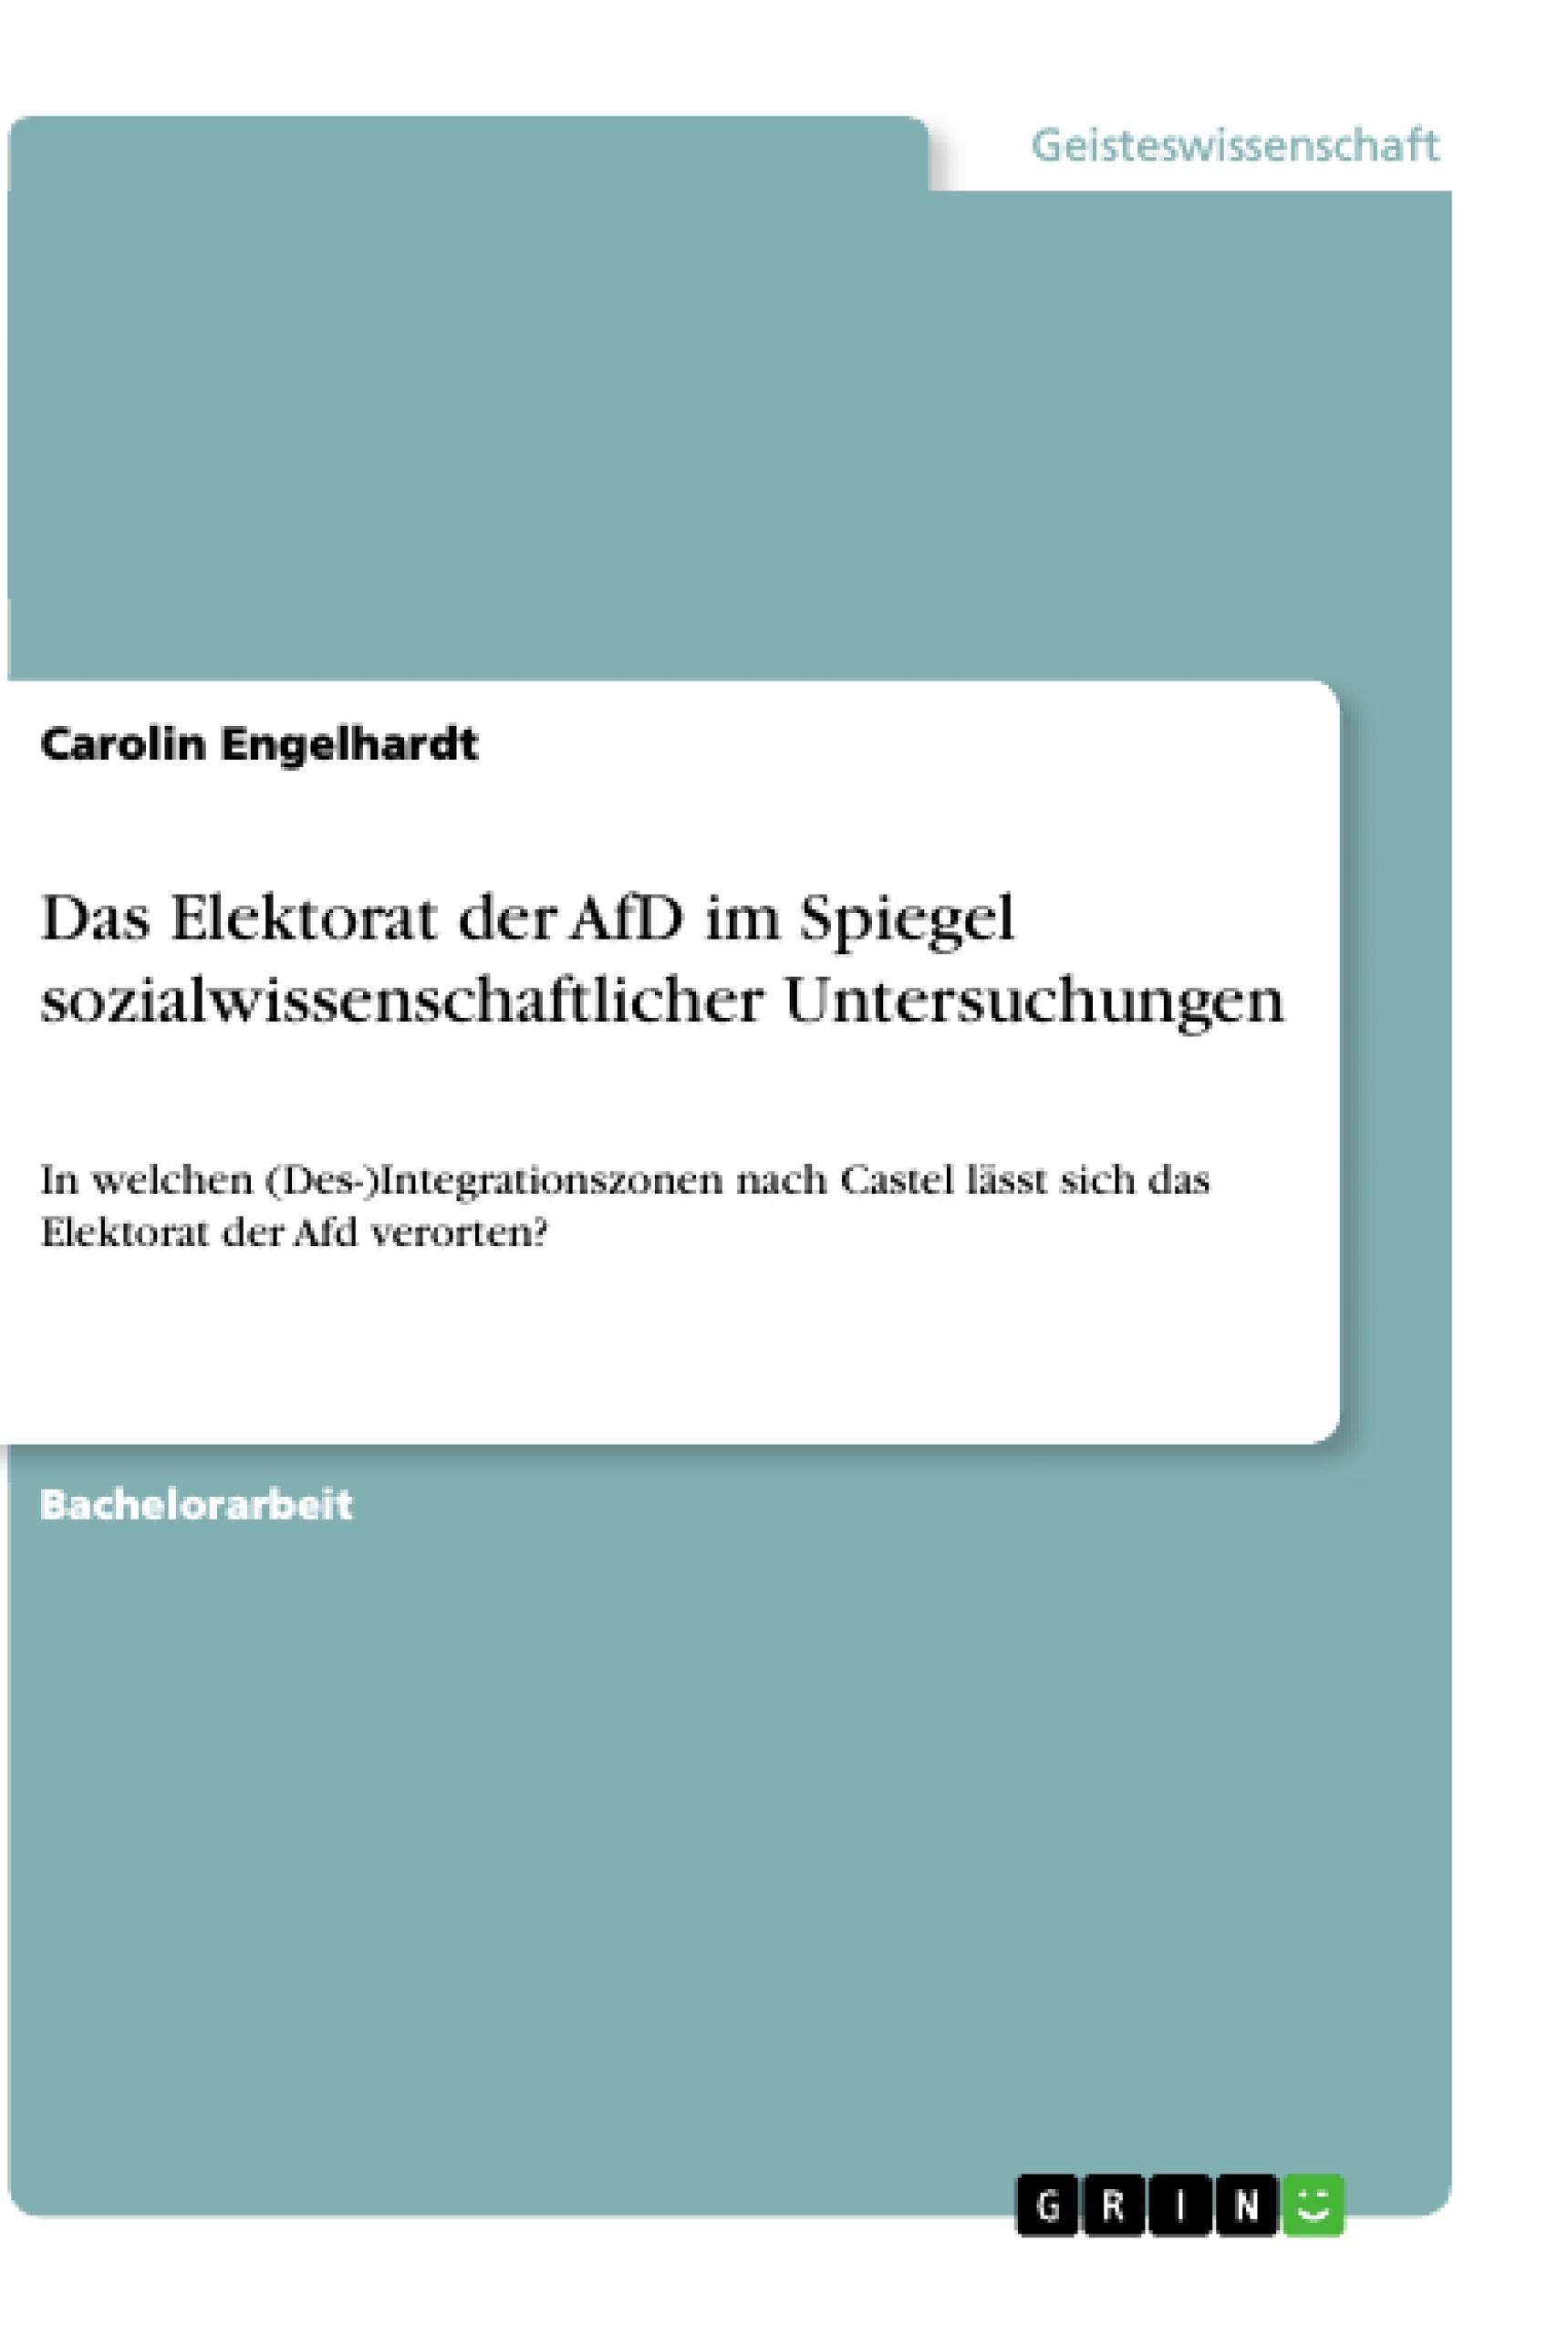 Titel: Das Elektorat der AfD im Spiegel sozialwissenschaftlicher Untersuchungen